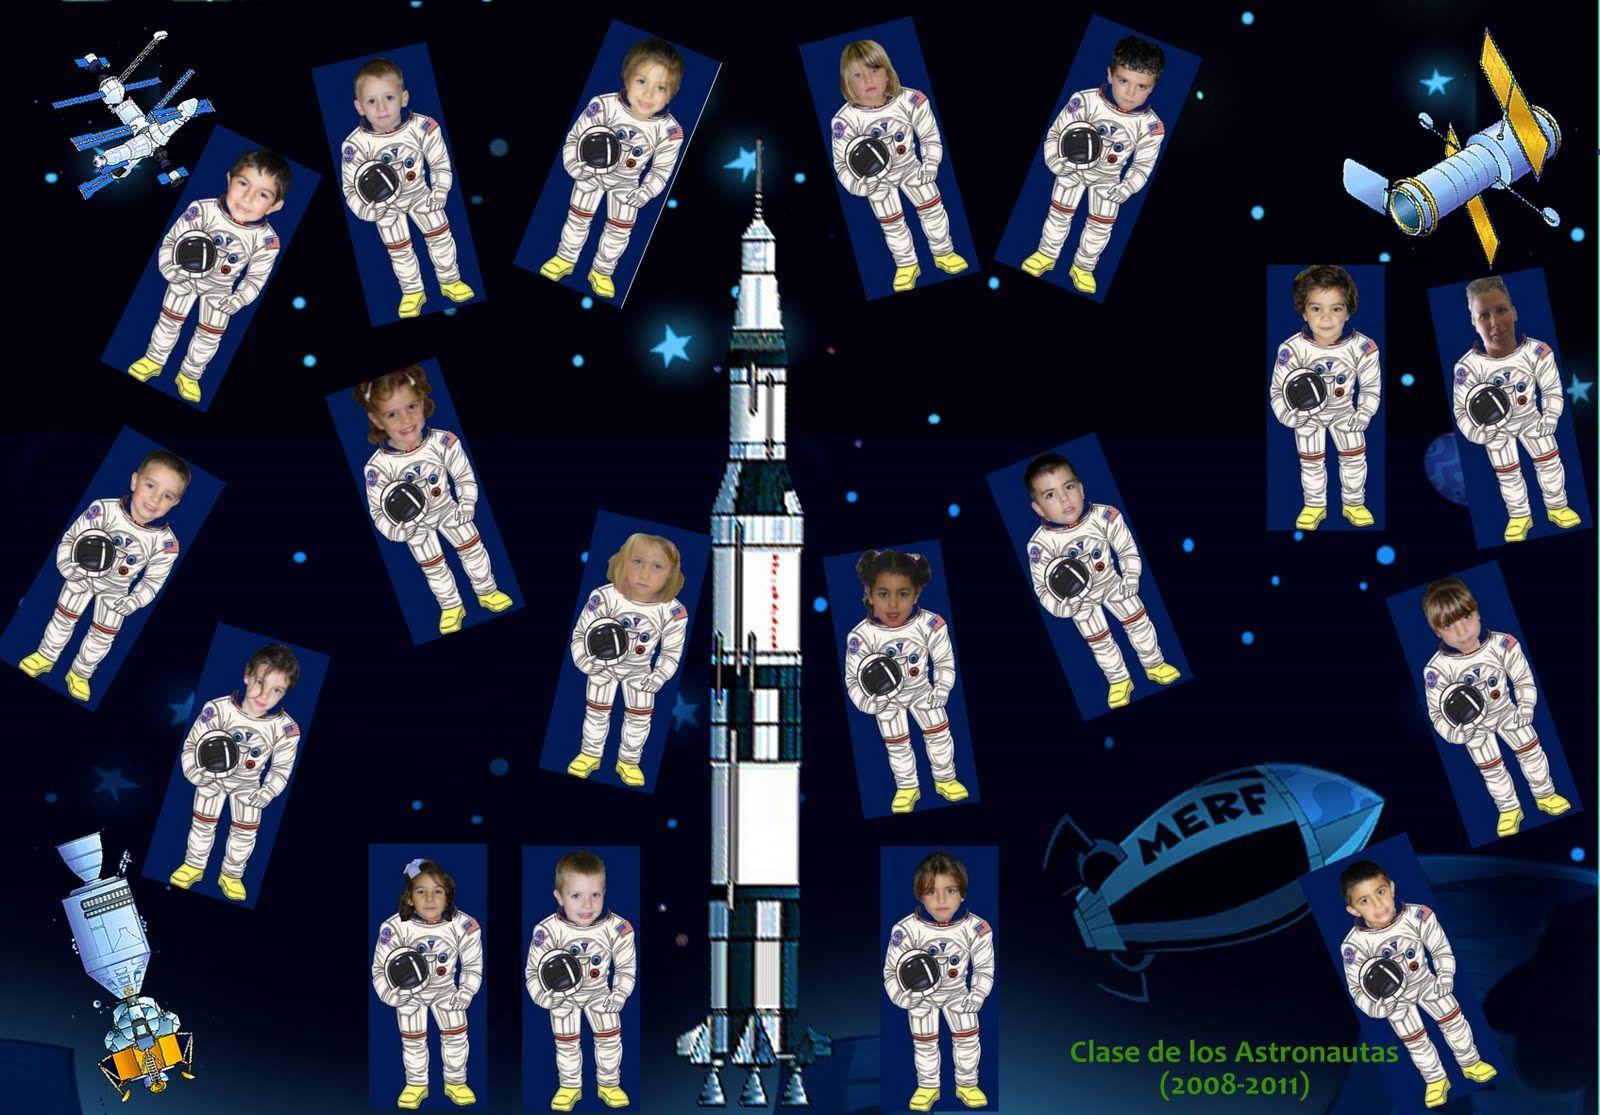 Niño Astronauta En El Espacio: Manualidades Astronautas Para Niños